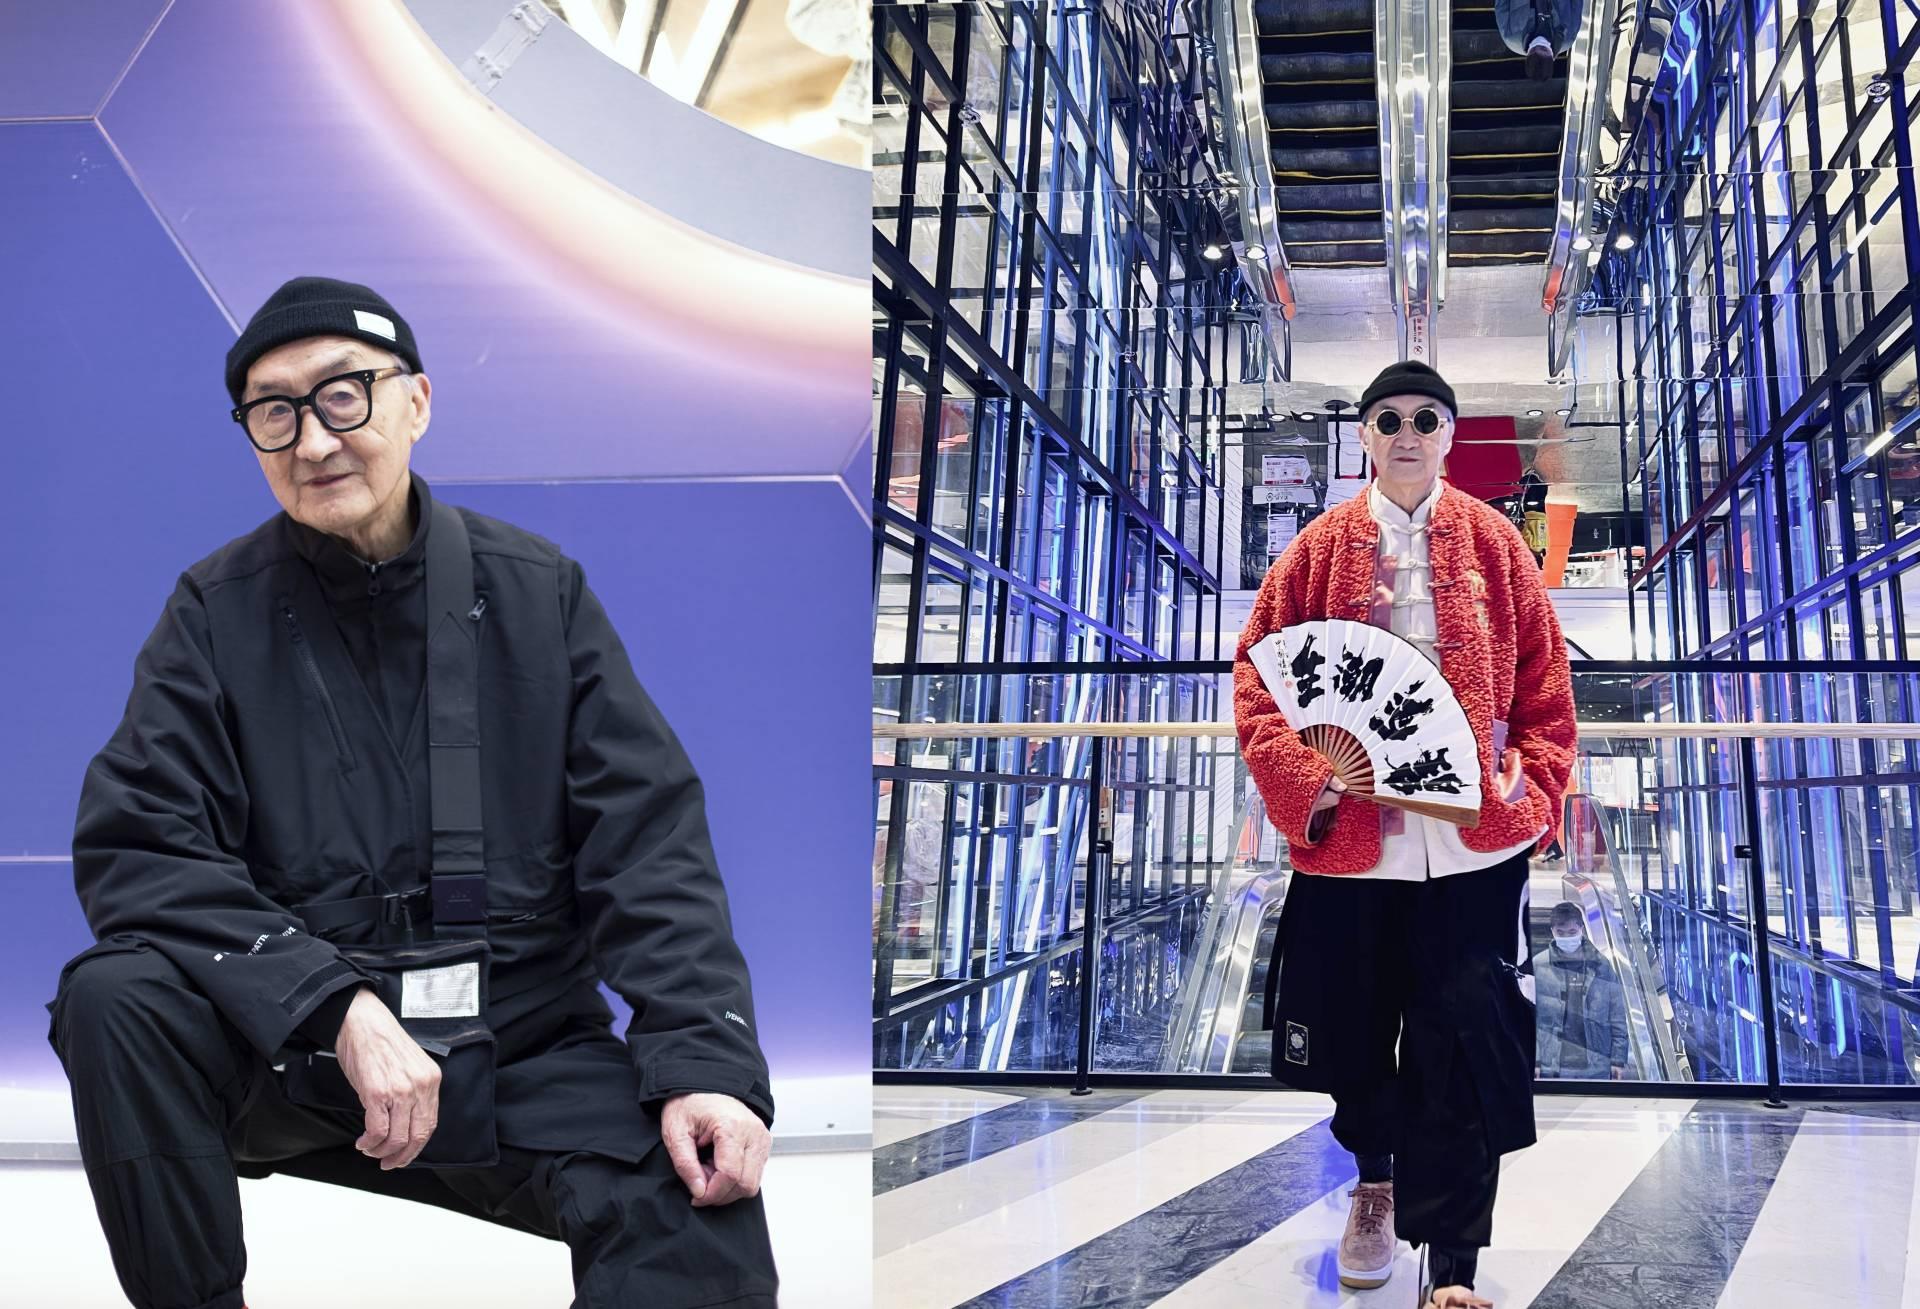 康康和爷爷时尚穿搭,抖音200万粉丝人气追捧